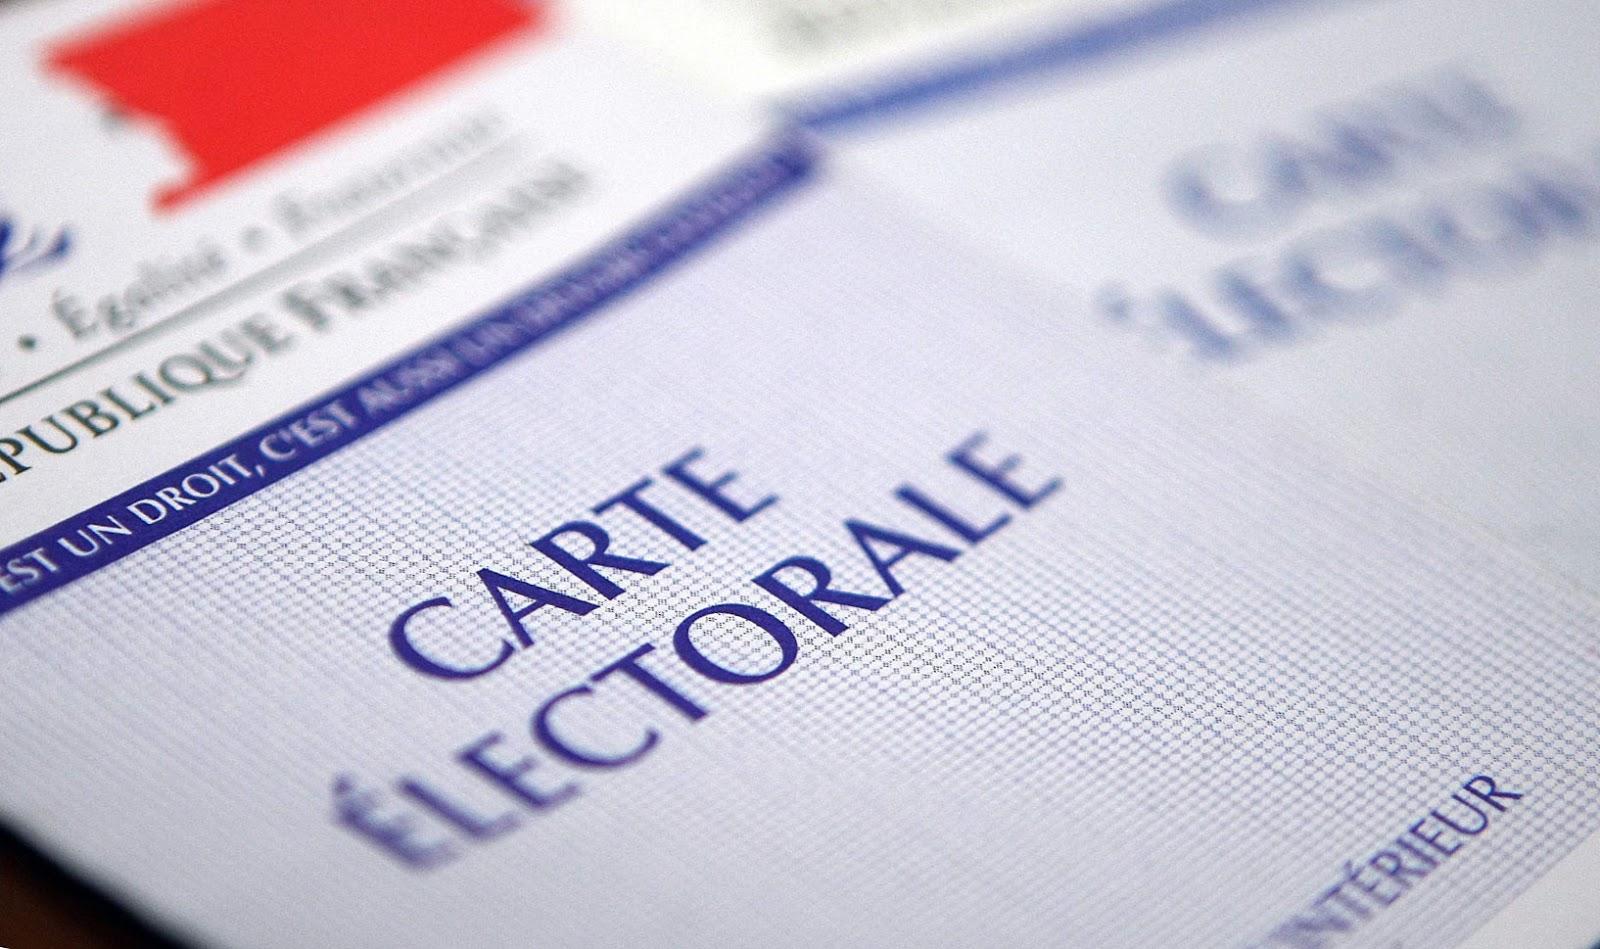 Municipales 2020 : On vous explique comment être sûrs de pouvoir voter en mars prochain